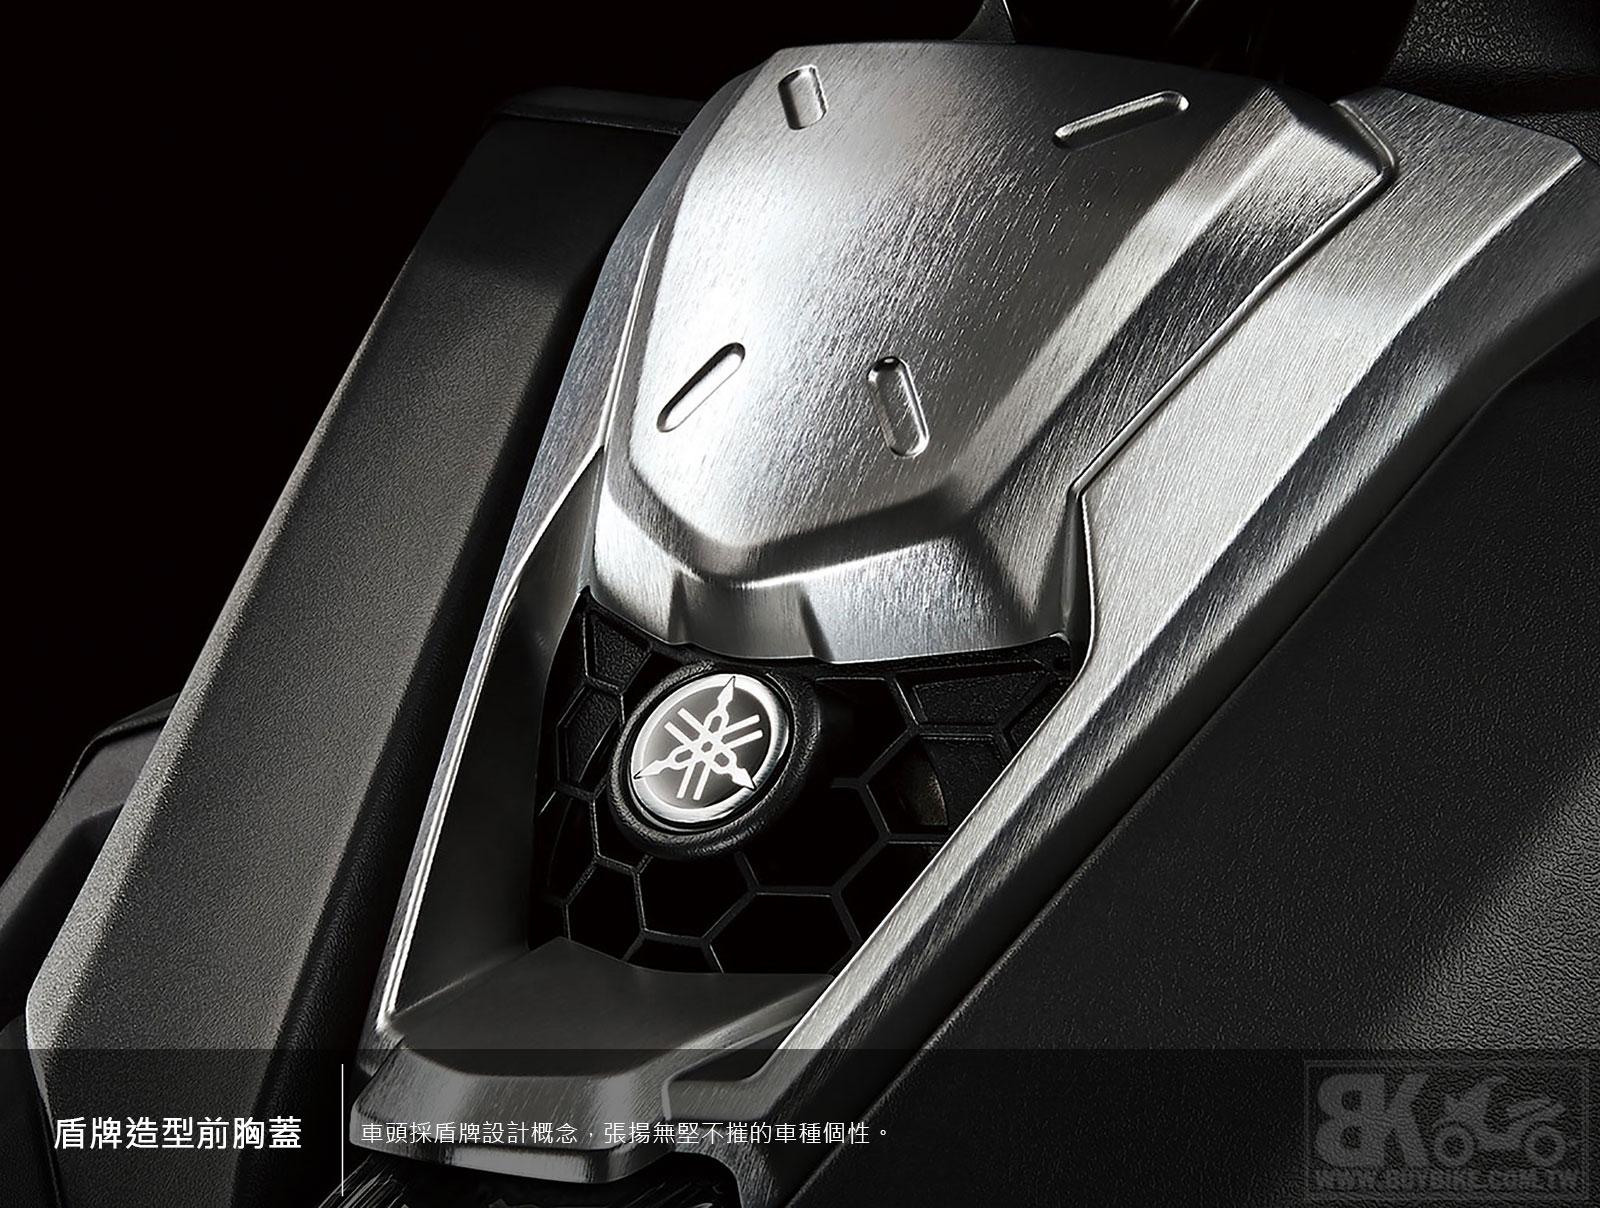 03.盾牌造型前胸蓋